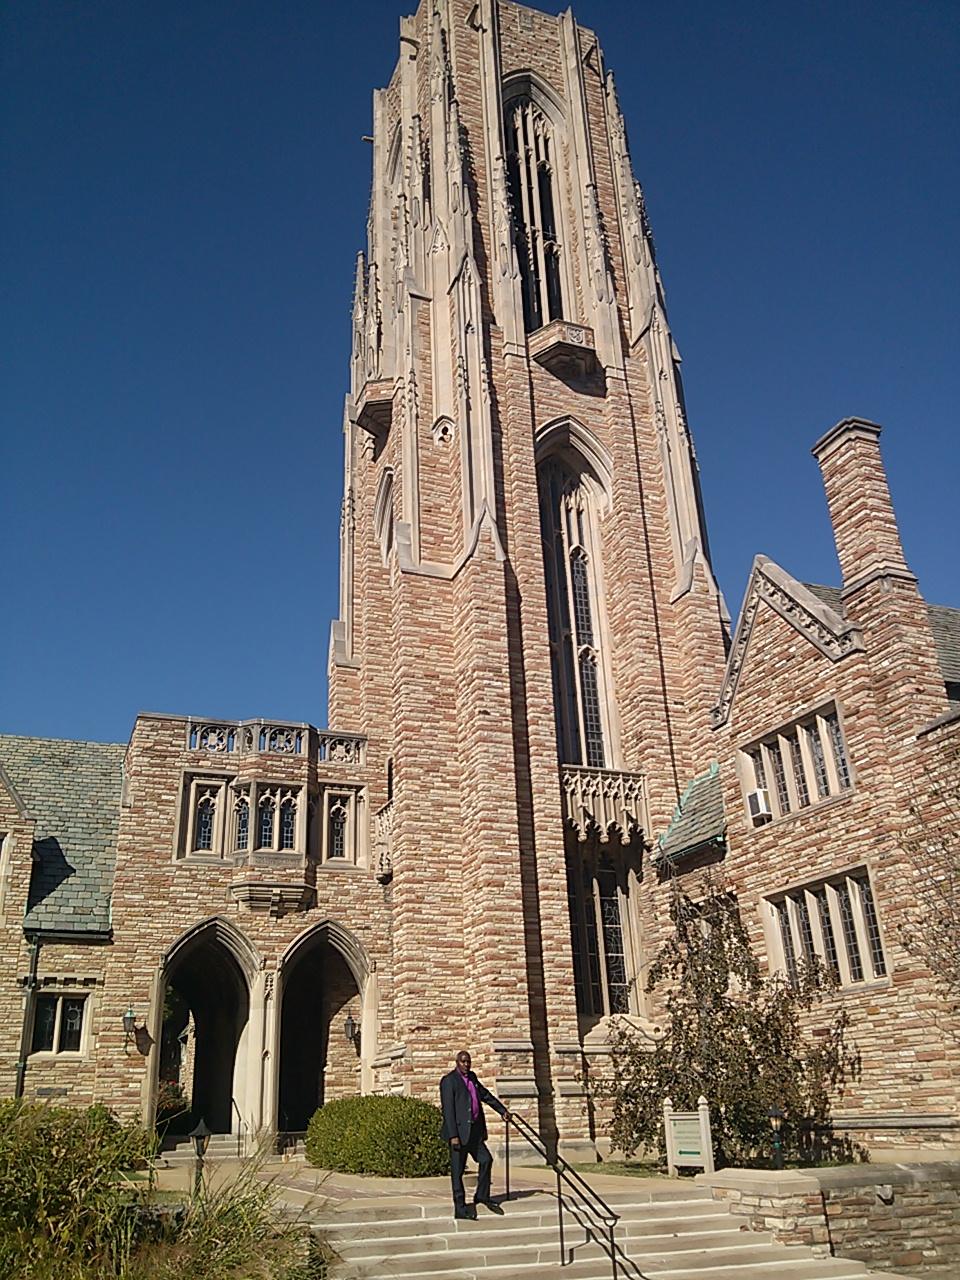 10/14/2015 - Concordia Seminary, St. Louis